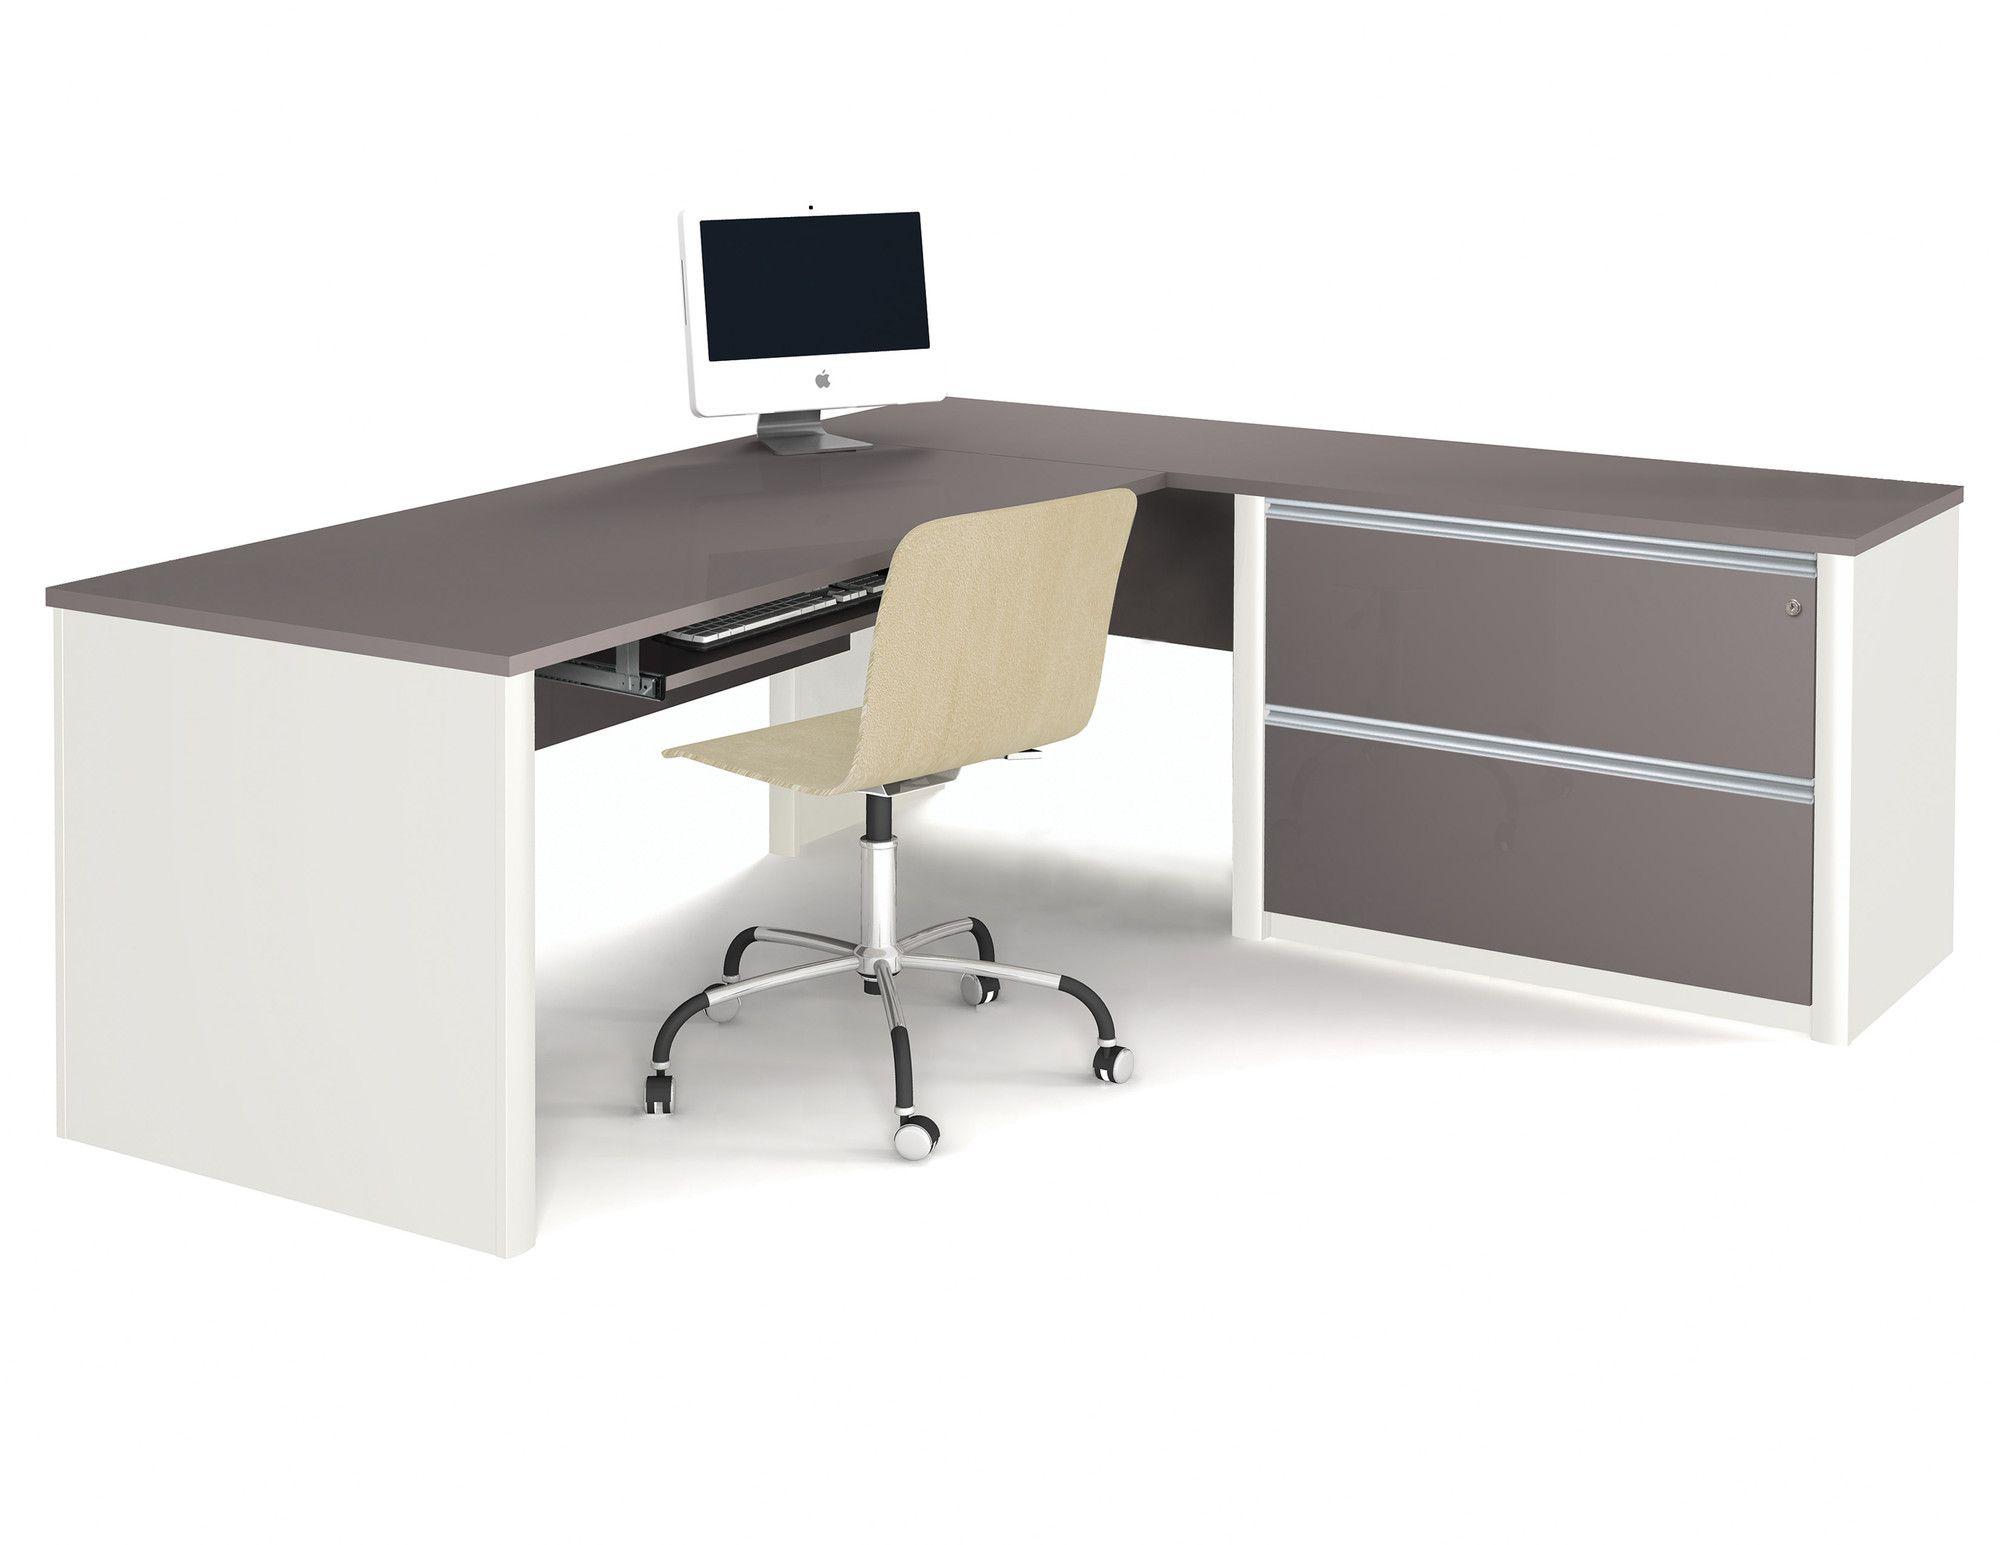 Karla pedestal lshape computer desk products